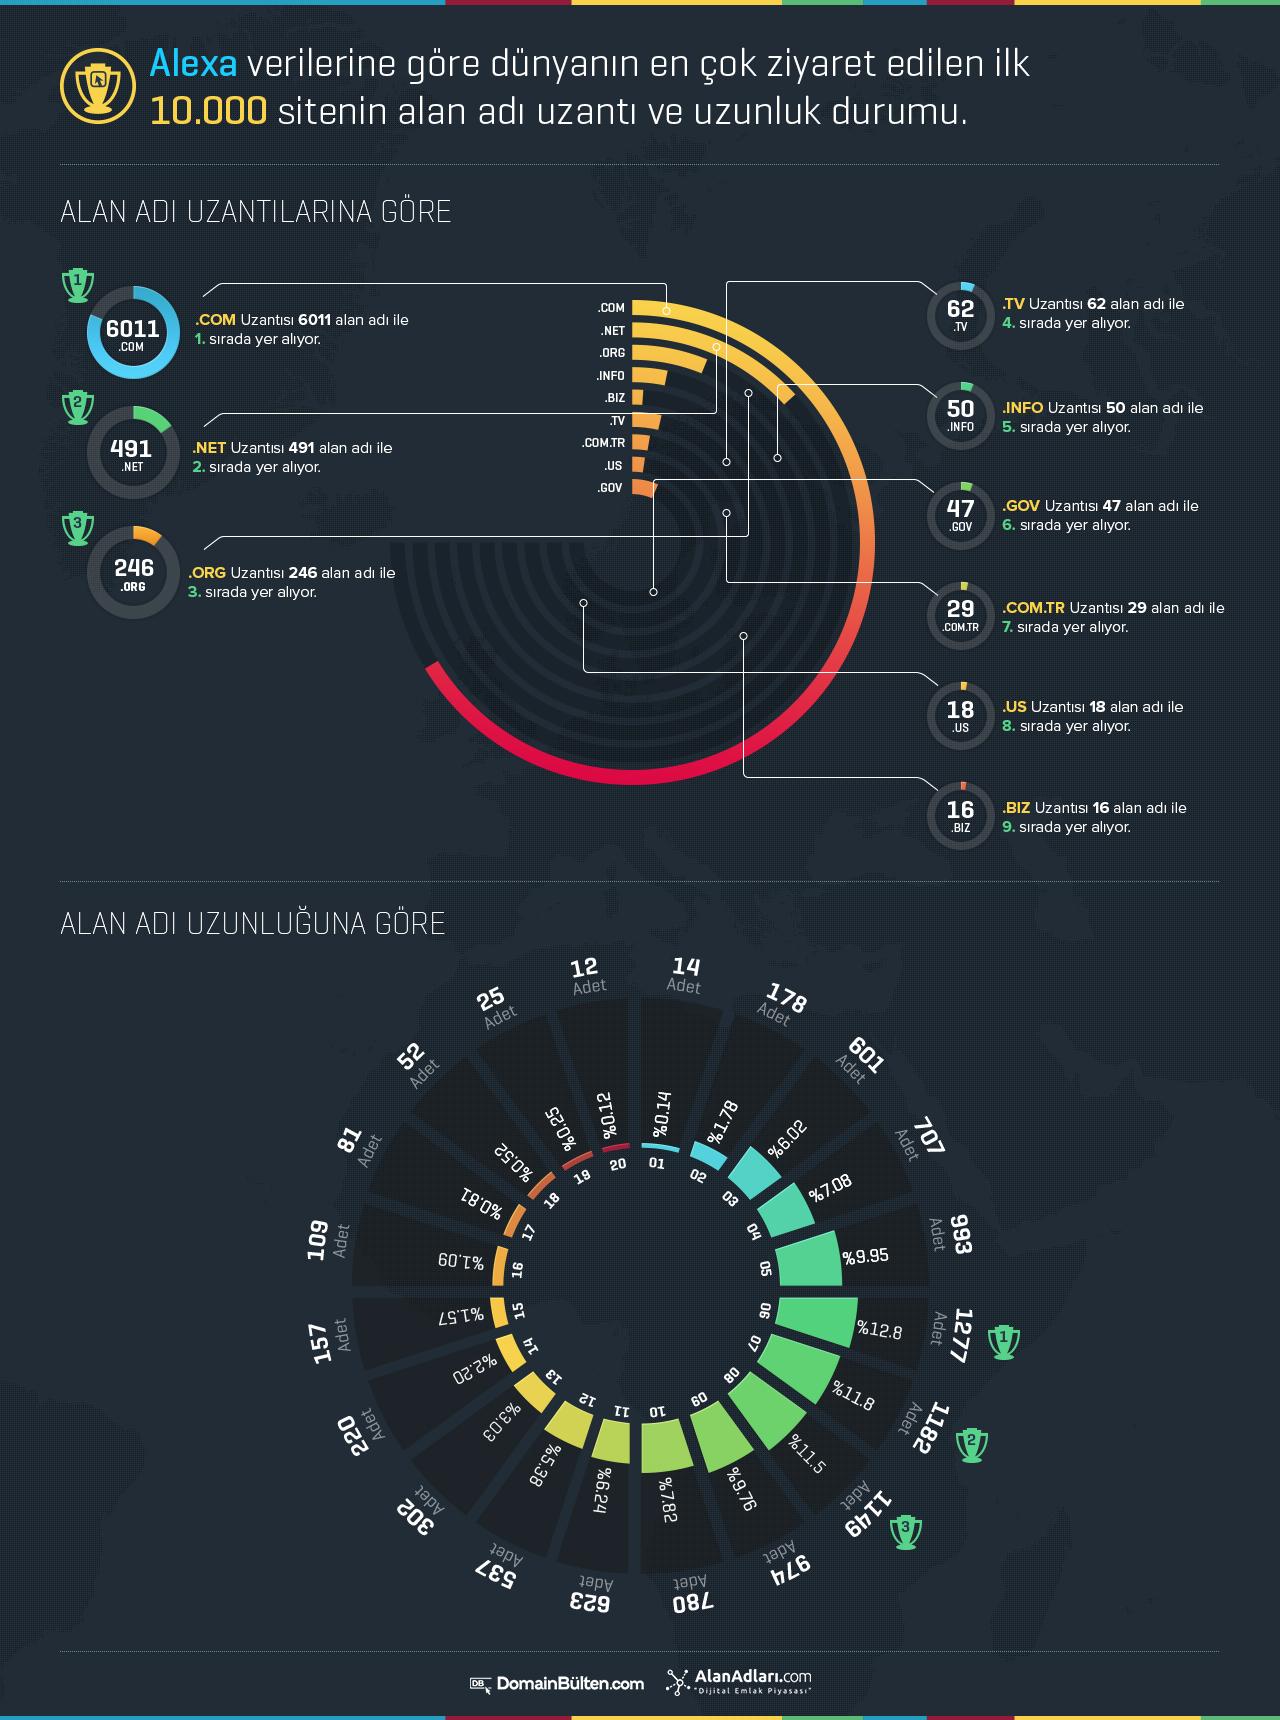 Alexa infografik